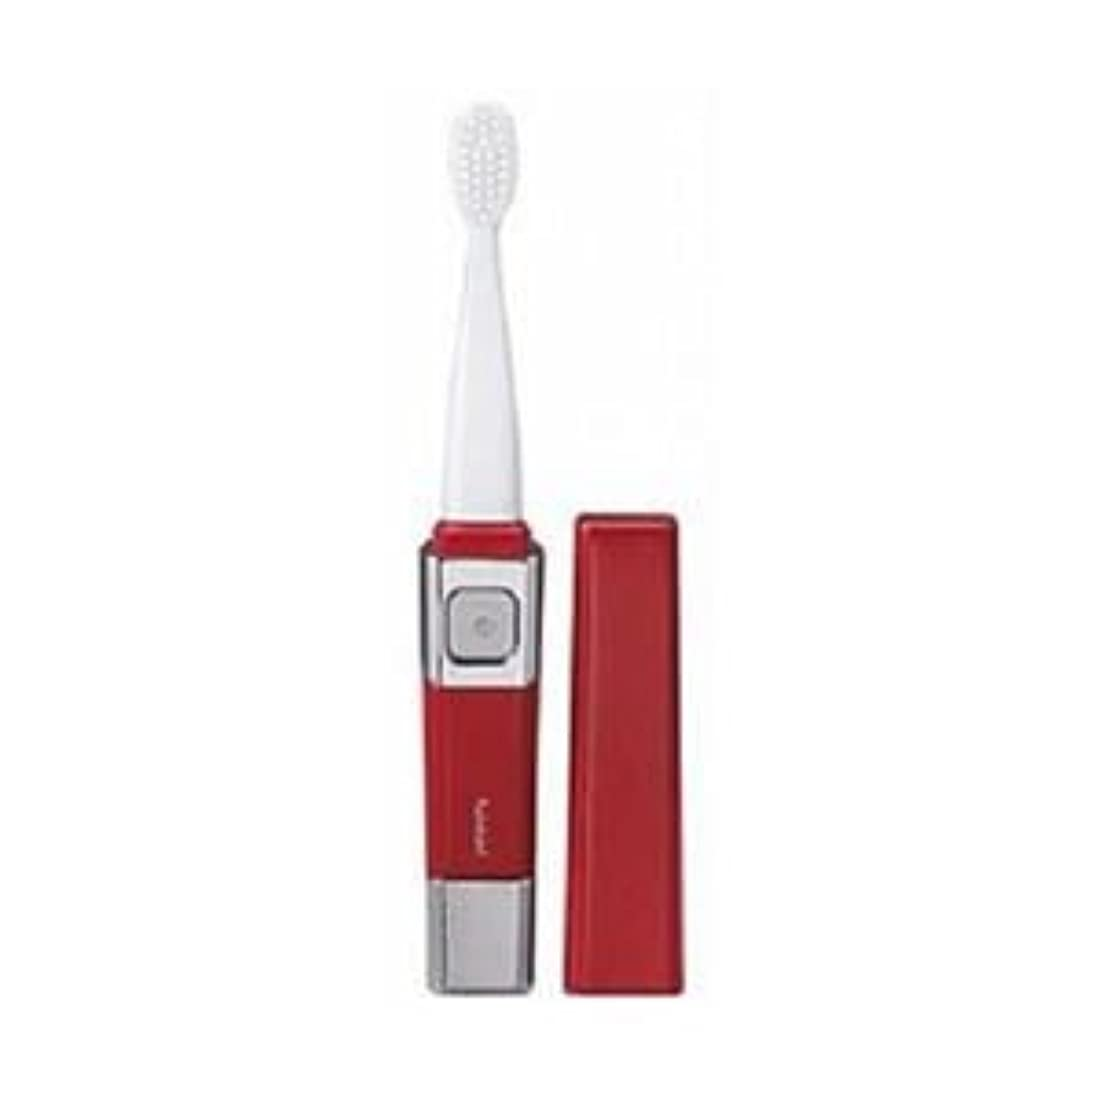 再発するショッキングペア(まとめ)ツインバード 音波振動歯ブラシ レッド BD-2755R【×3セット】